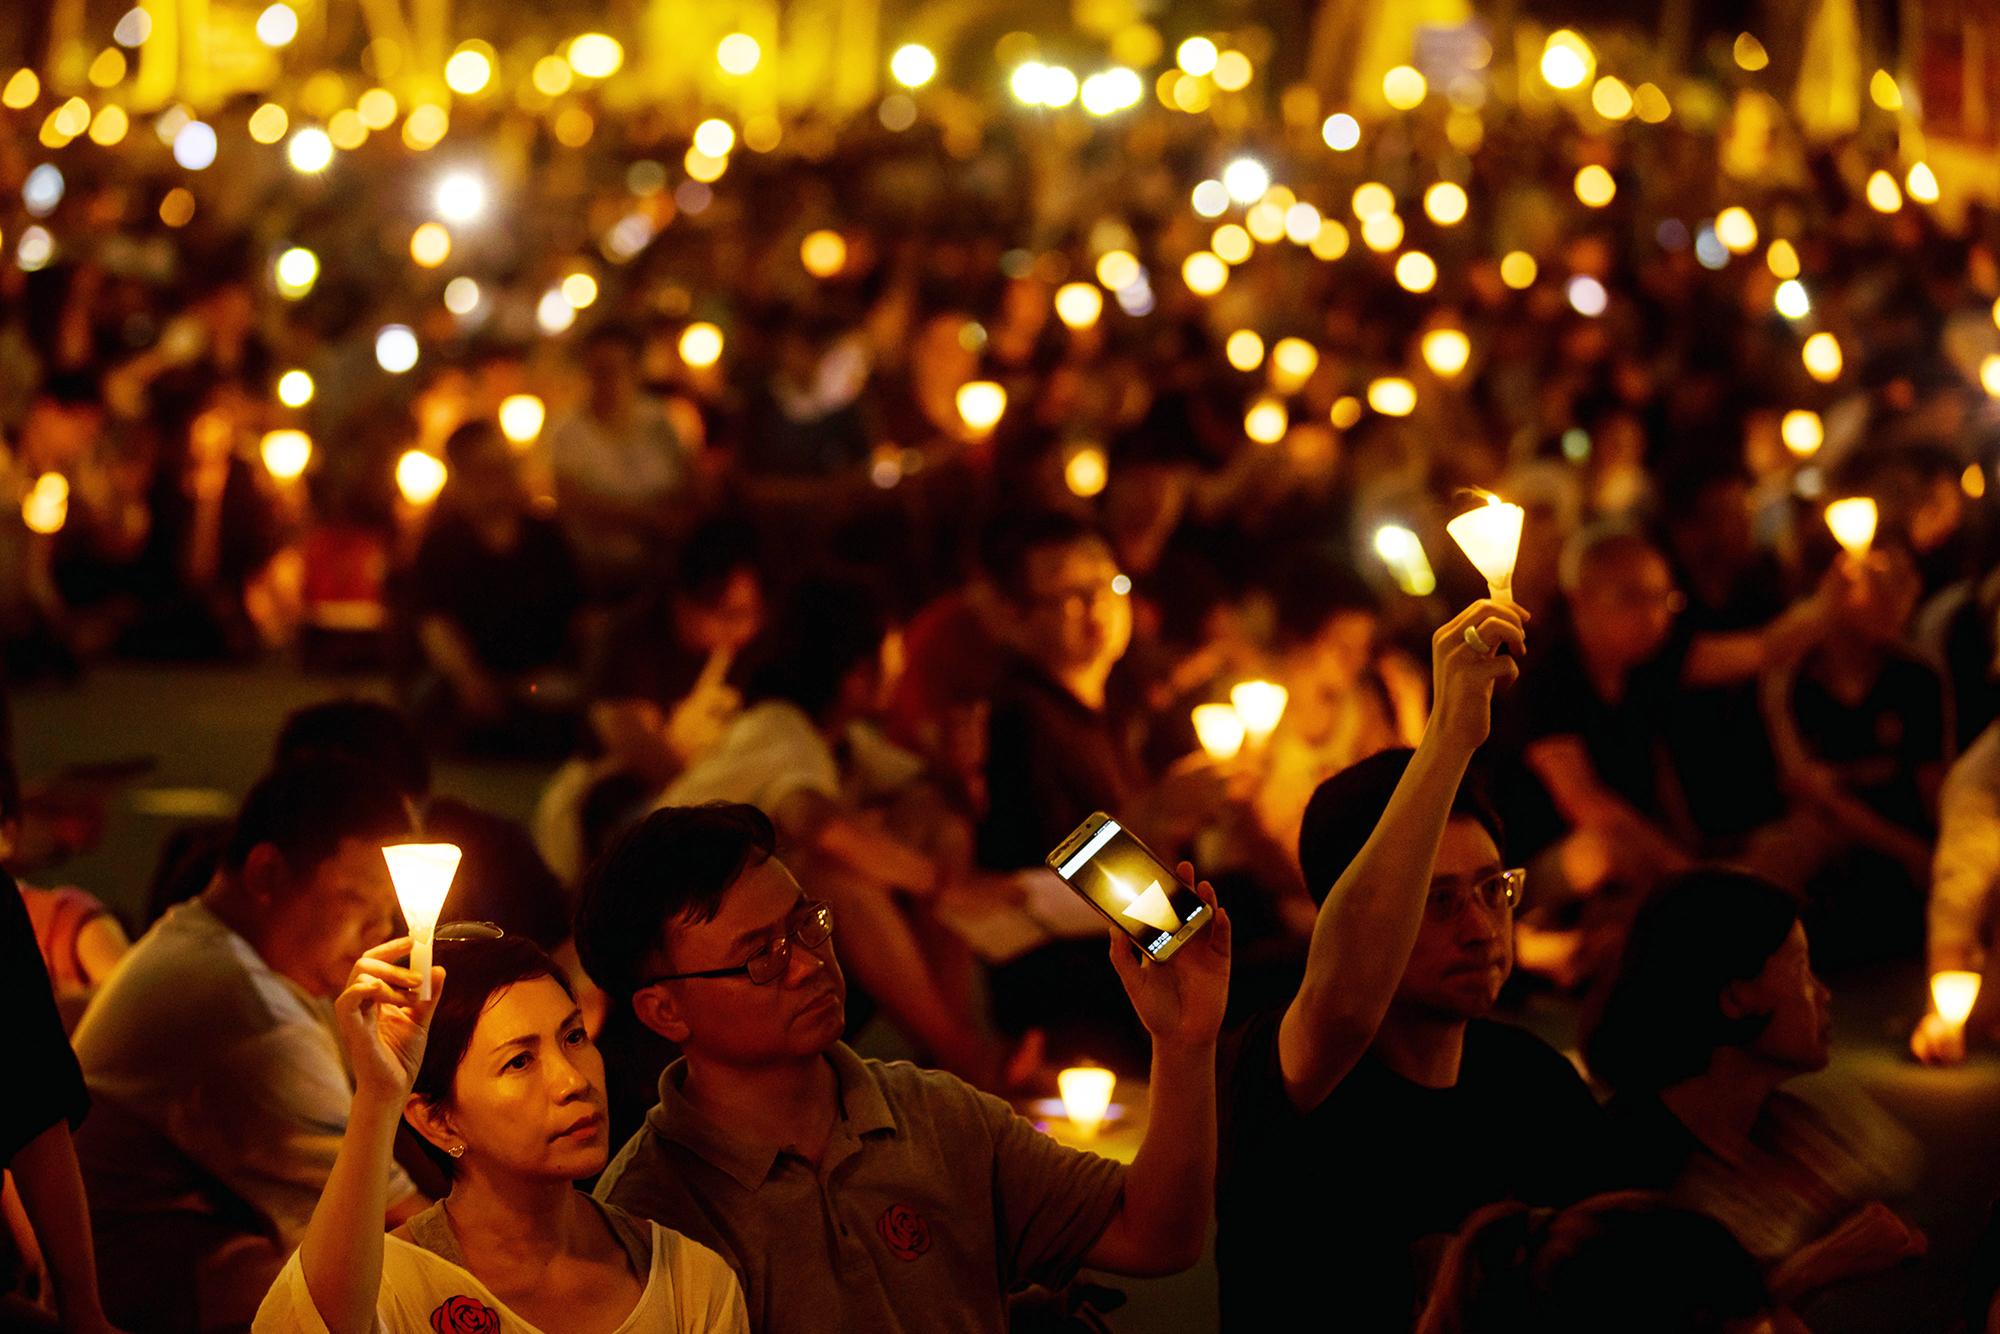 Hong Kong: Por primera vez en 30 años se prohíbe la vigilia que recuerda la represión en la Plaza de Tiananmen